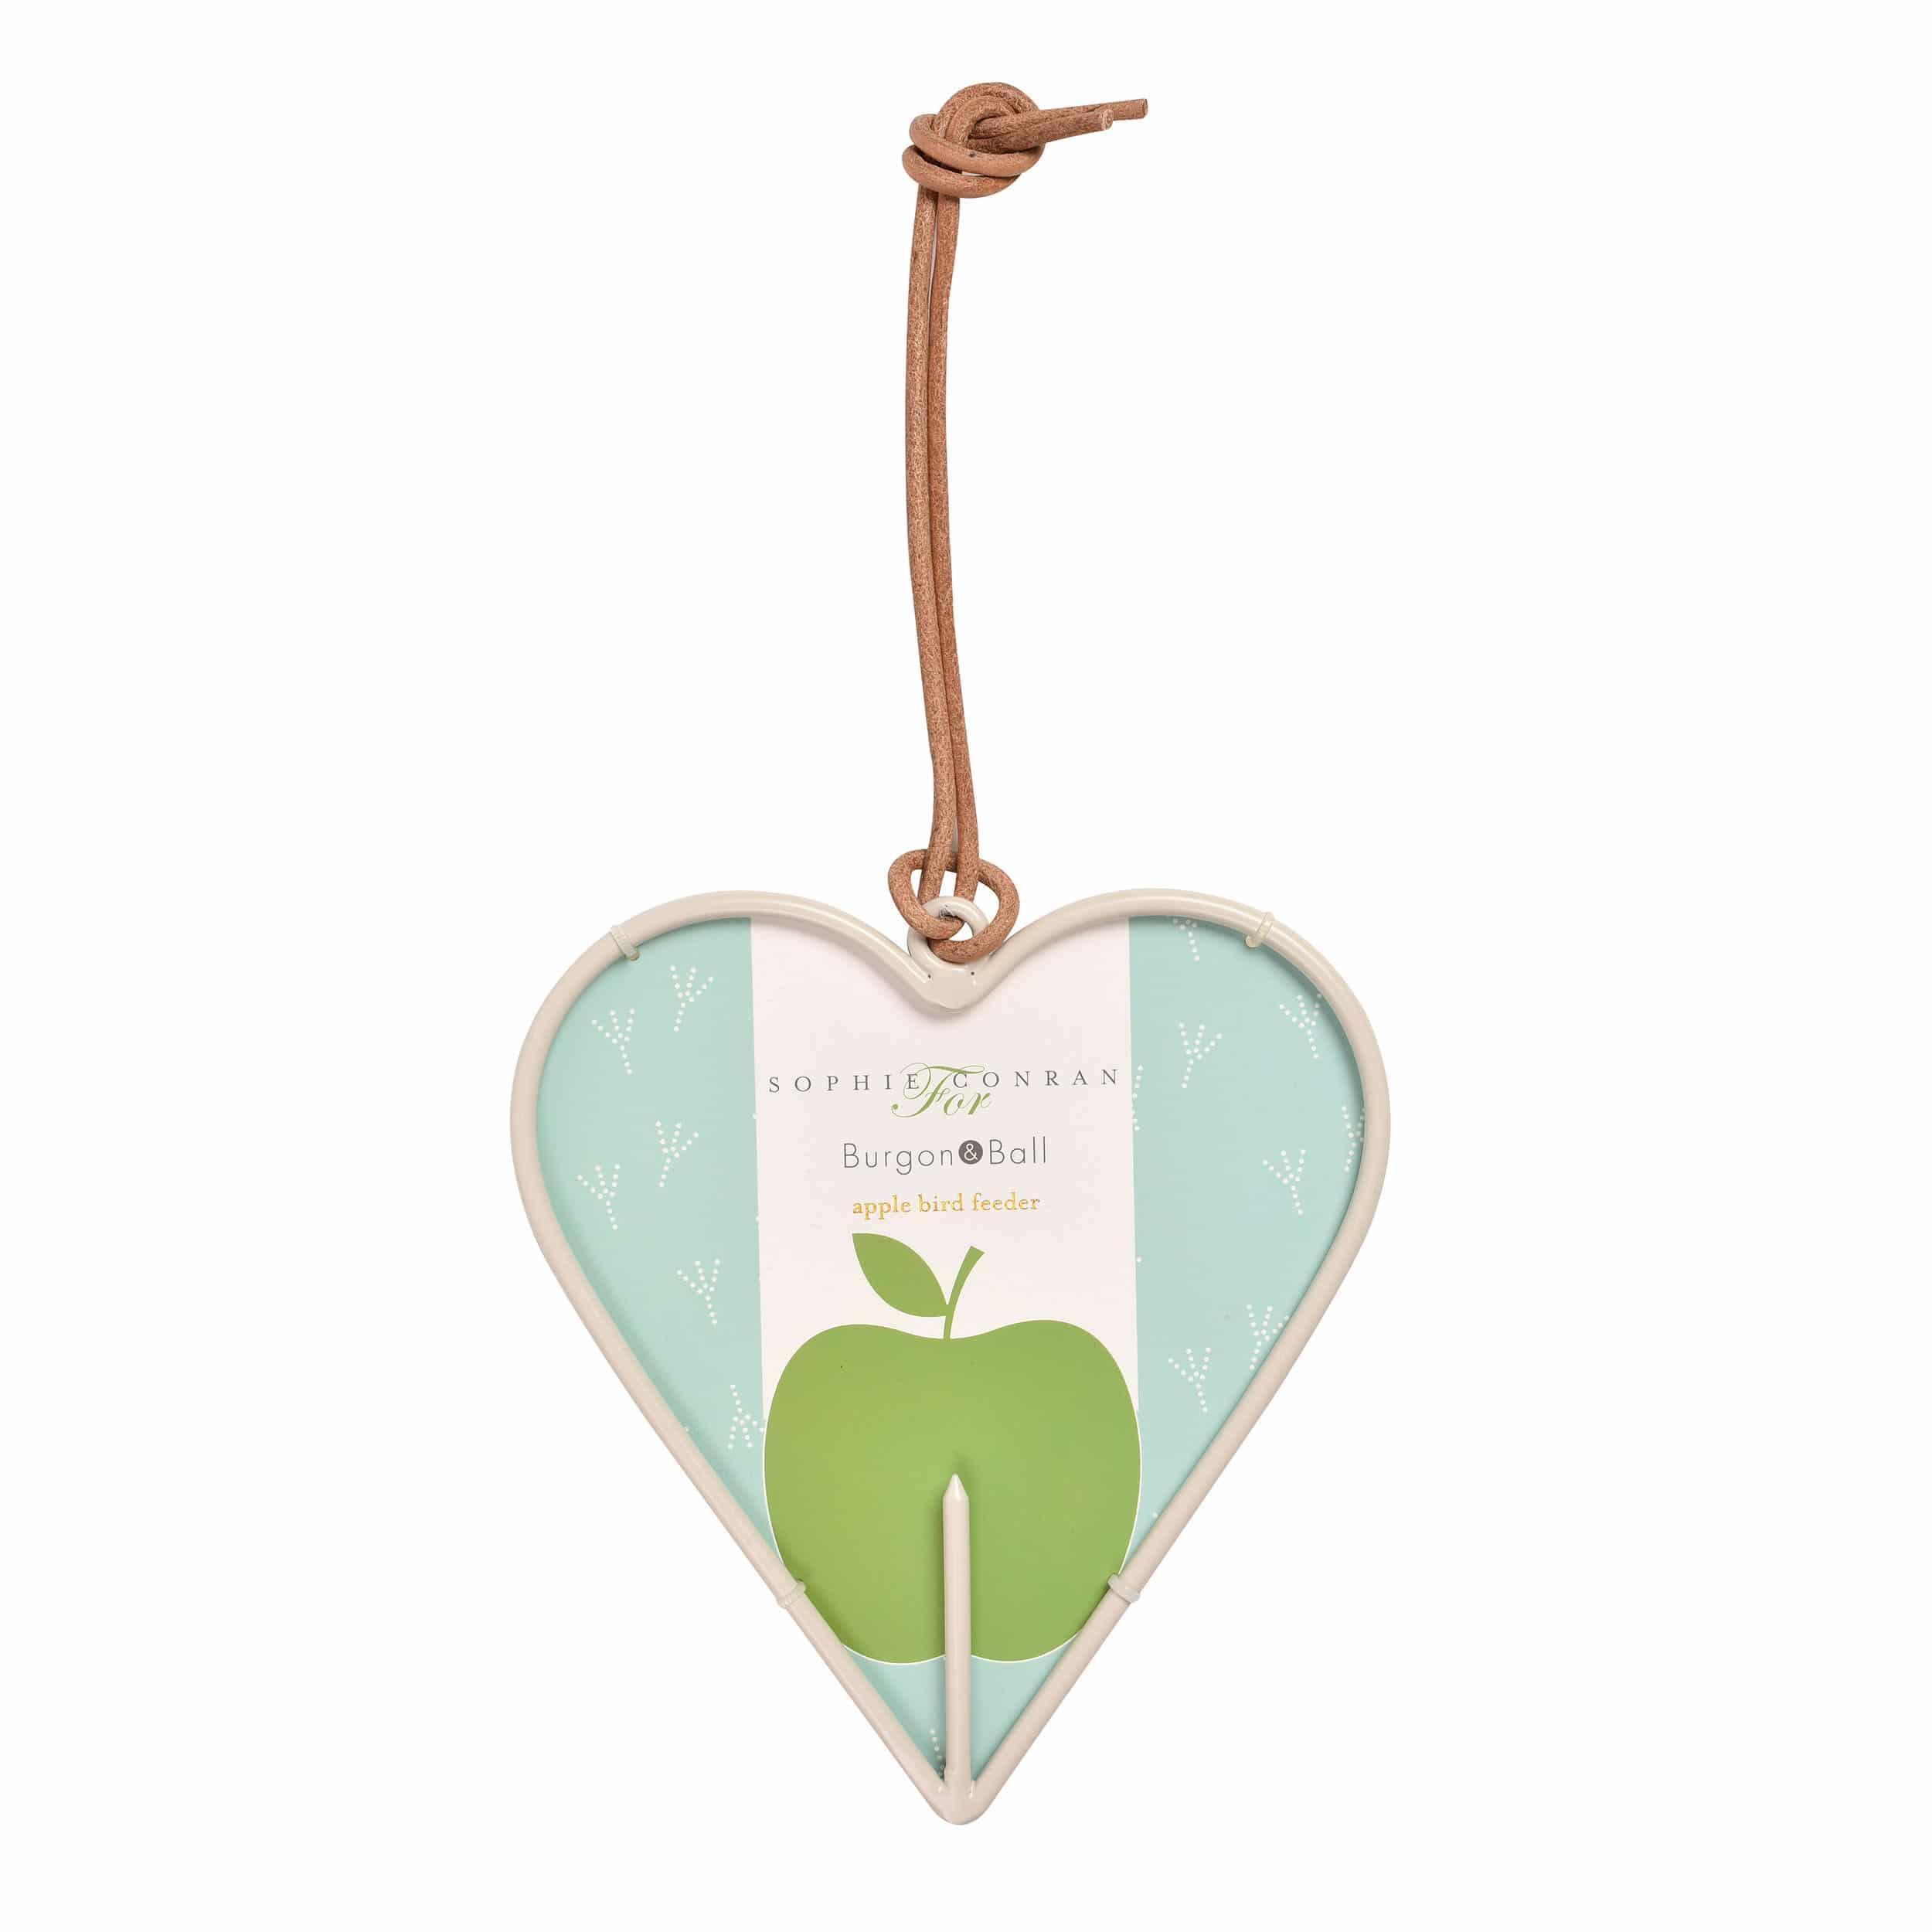 Apfelhalter für Vögel - Herz